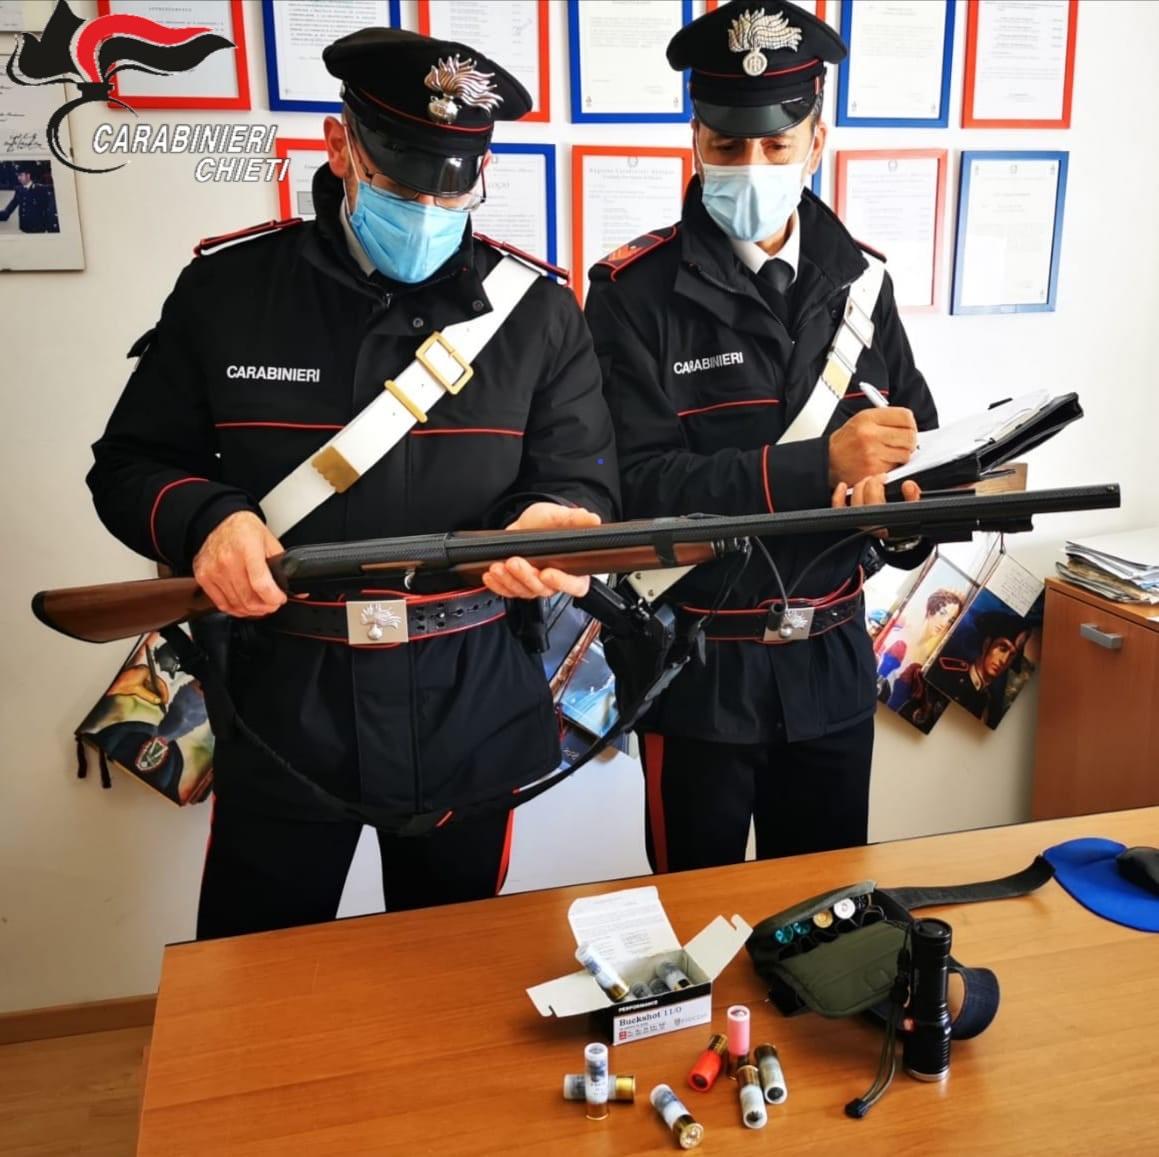 Miglianico, bracconiere inseguito e fermato dai carabinieri